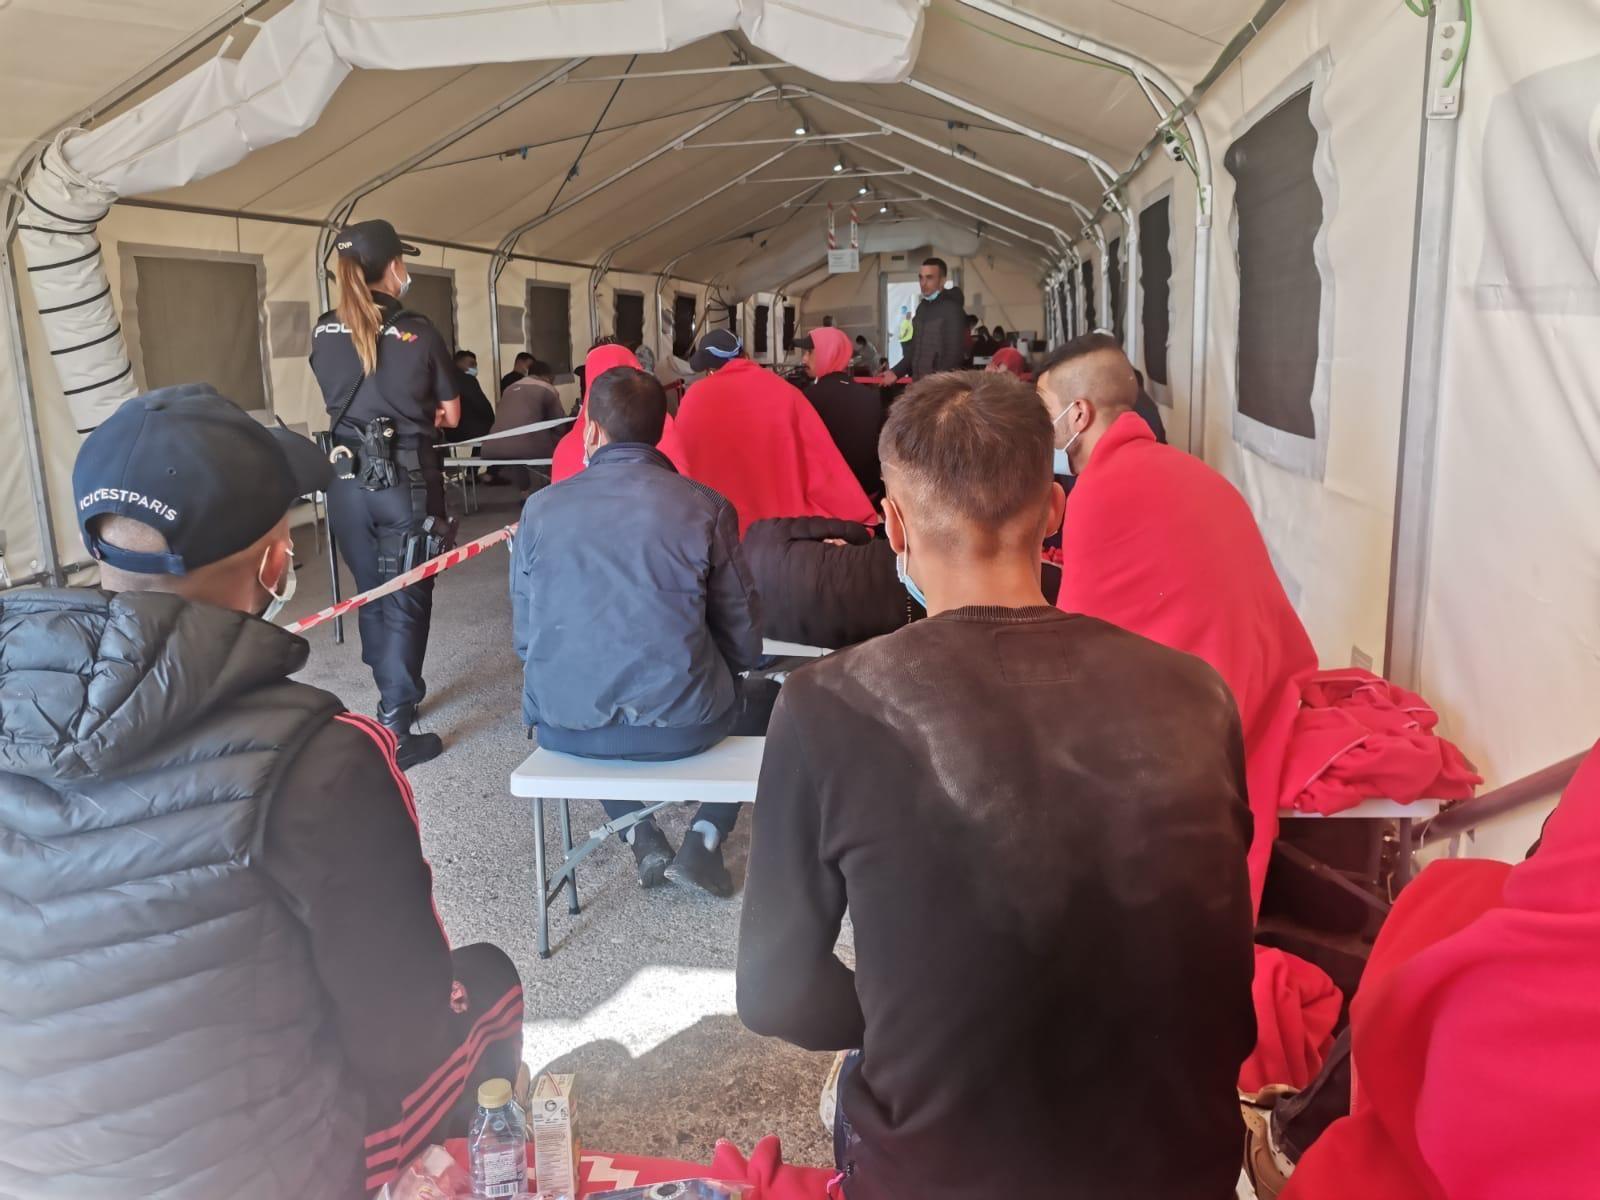 Llegan cinco pateras con 77 personas a la provincia de Alicante en menos de 24 horas